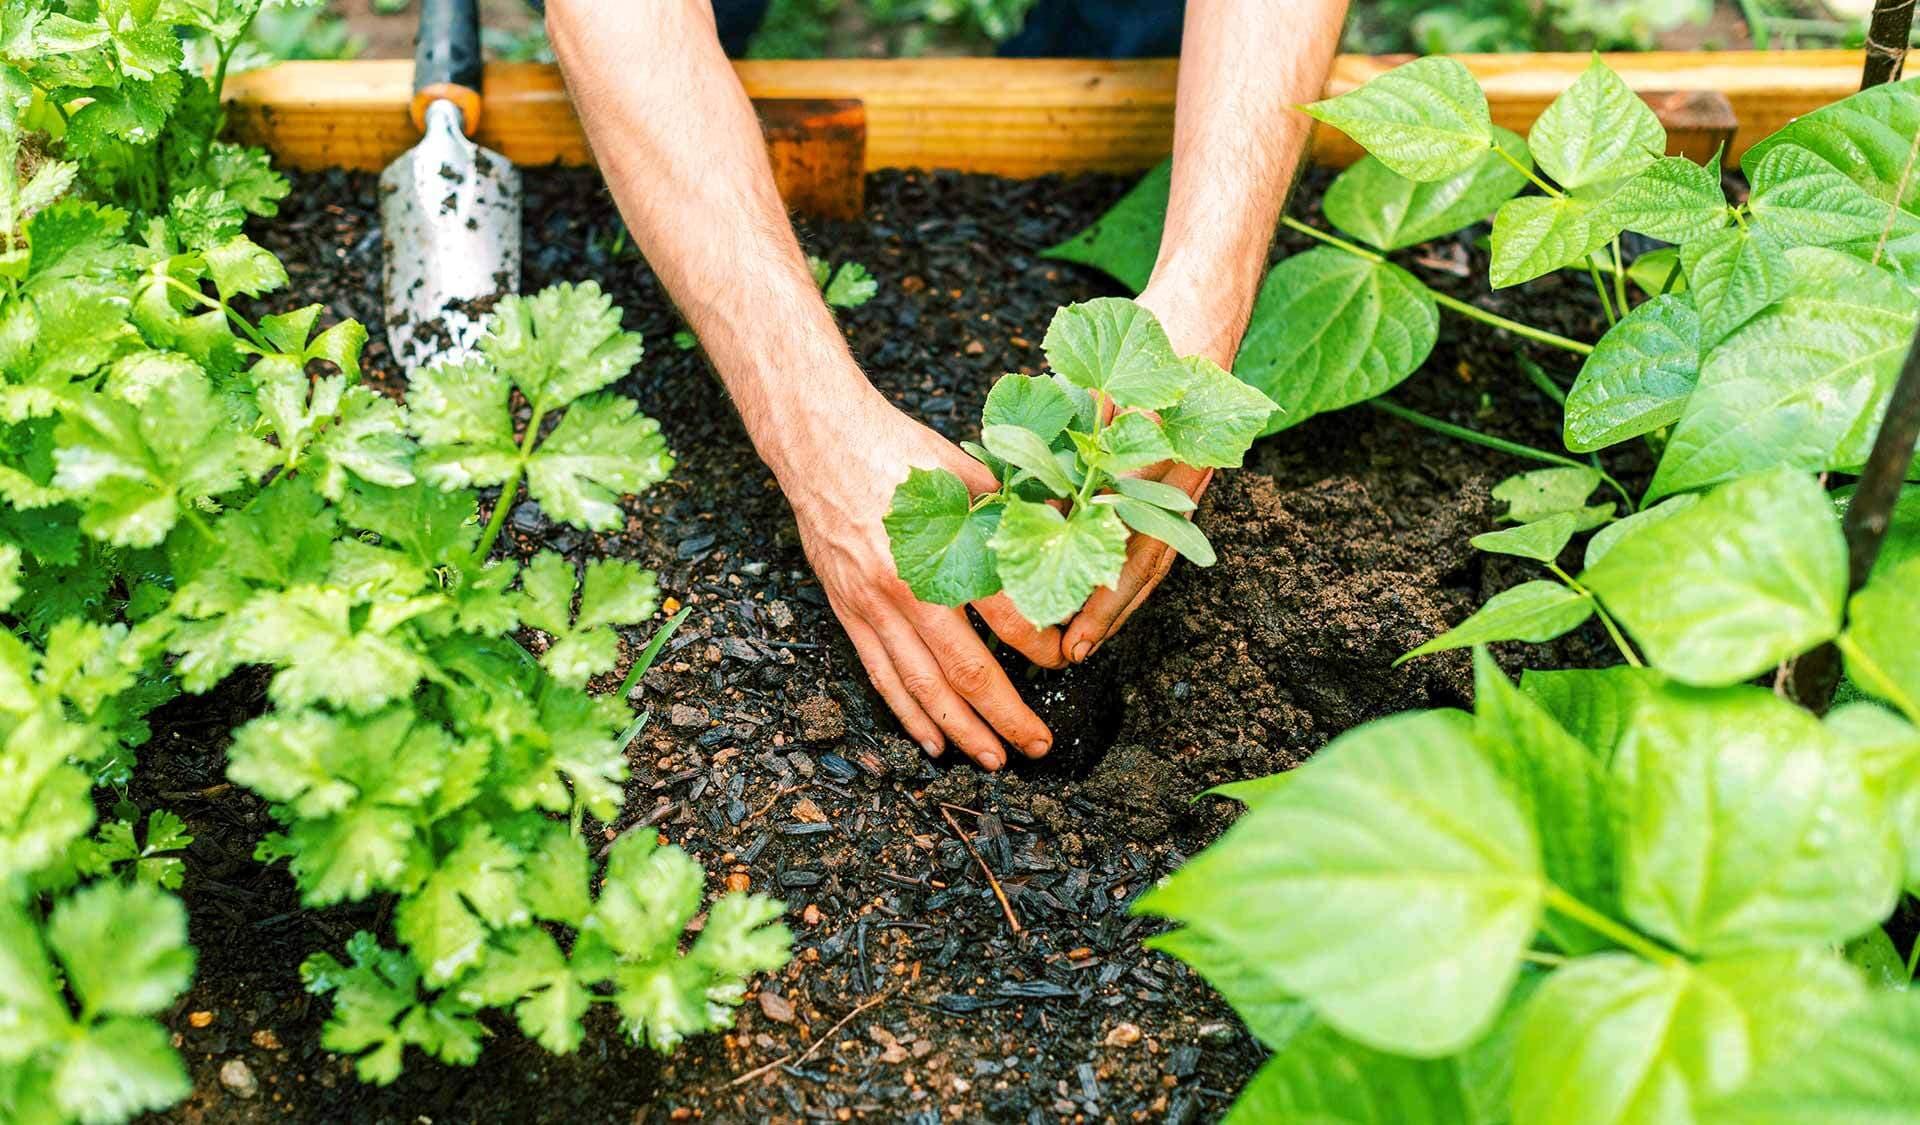 Hände pflanzen in einem Blumenbeet einen Setzling